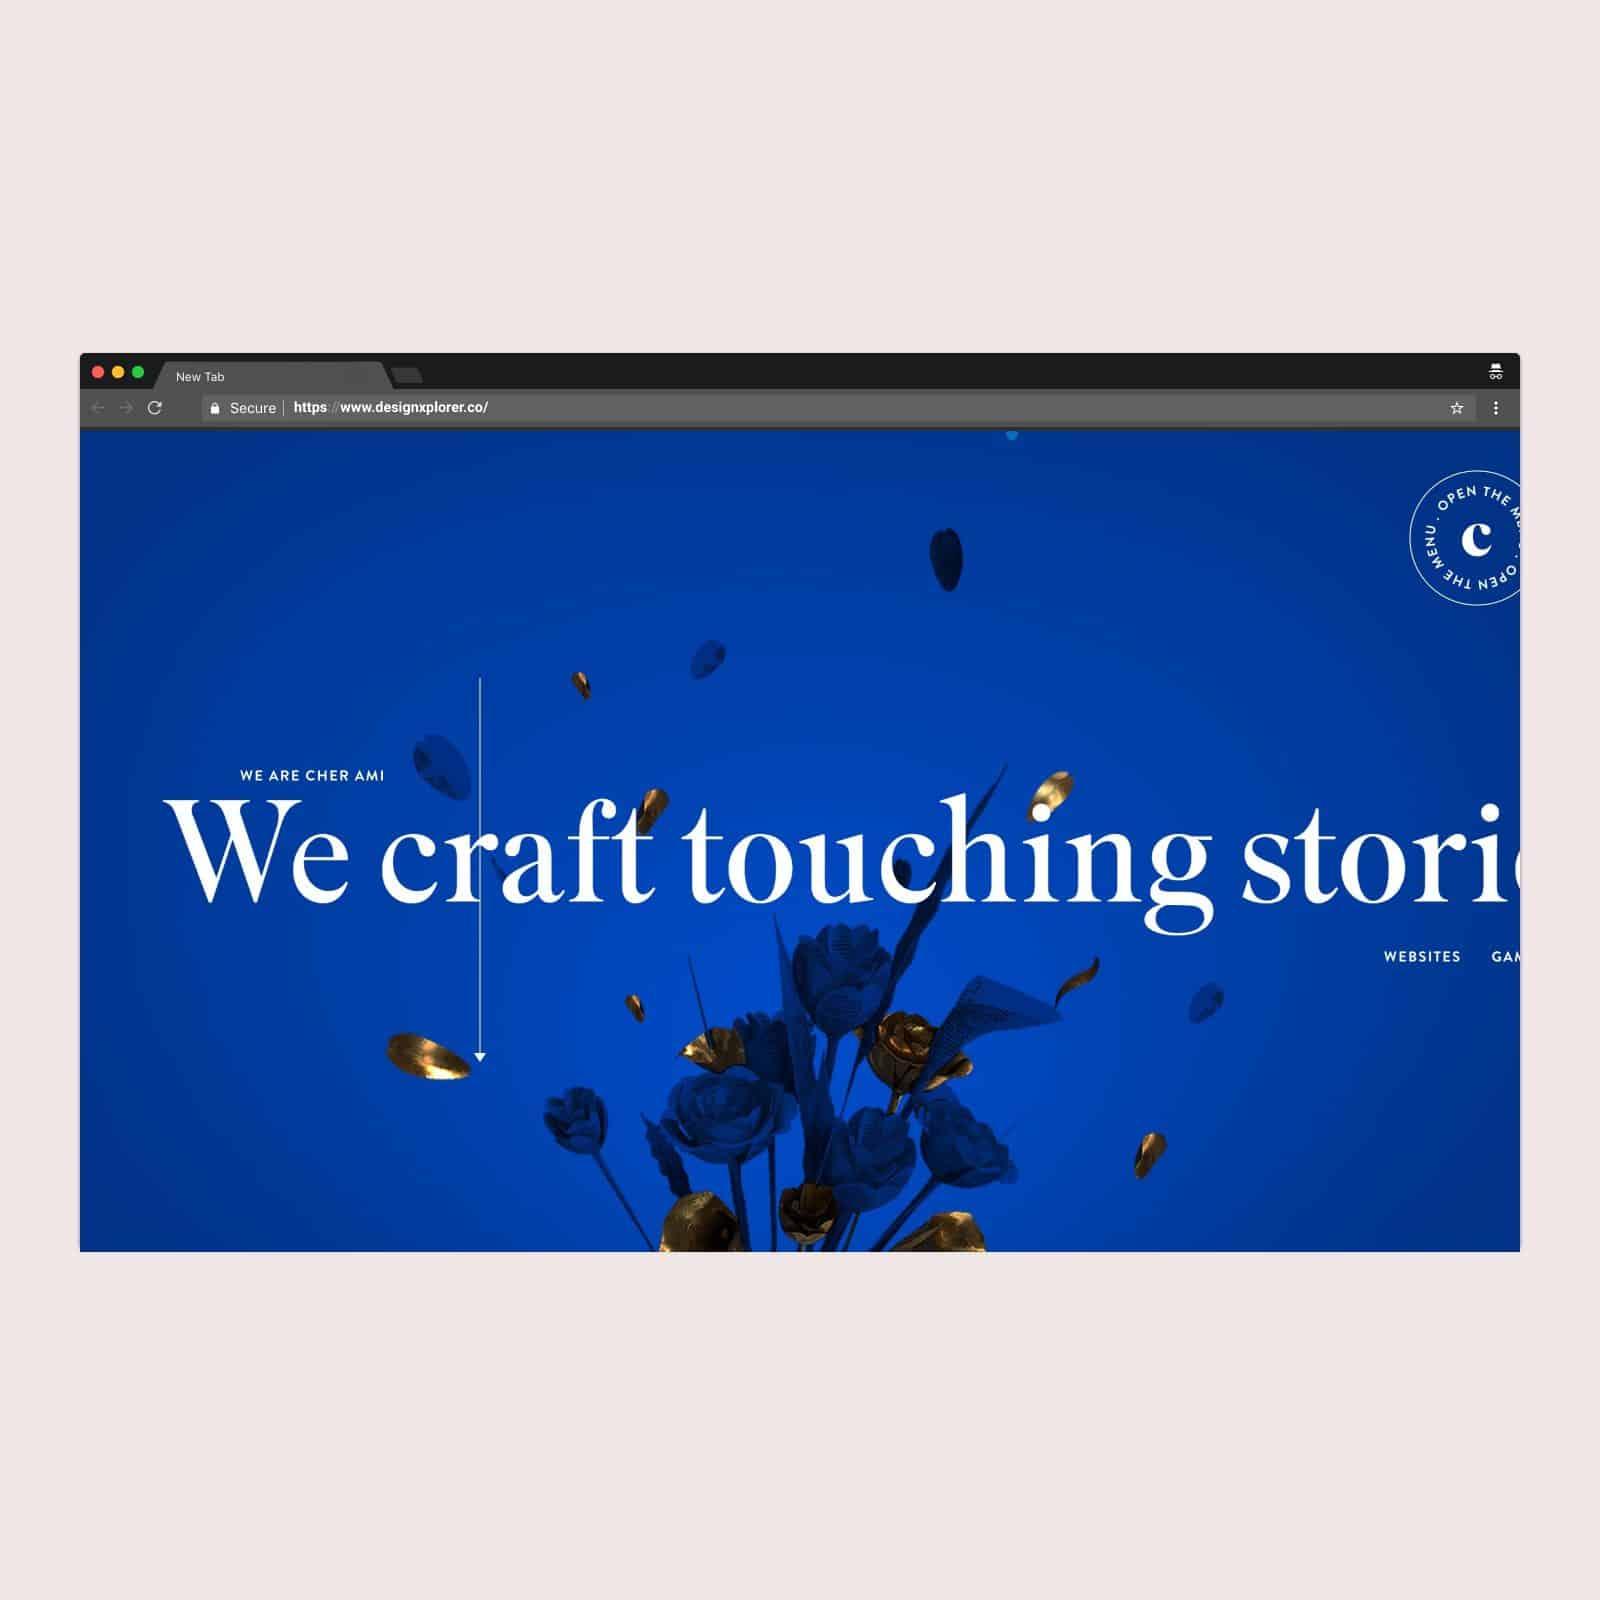 DesignXplorer.co - Cher-ami